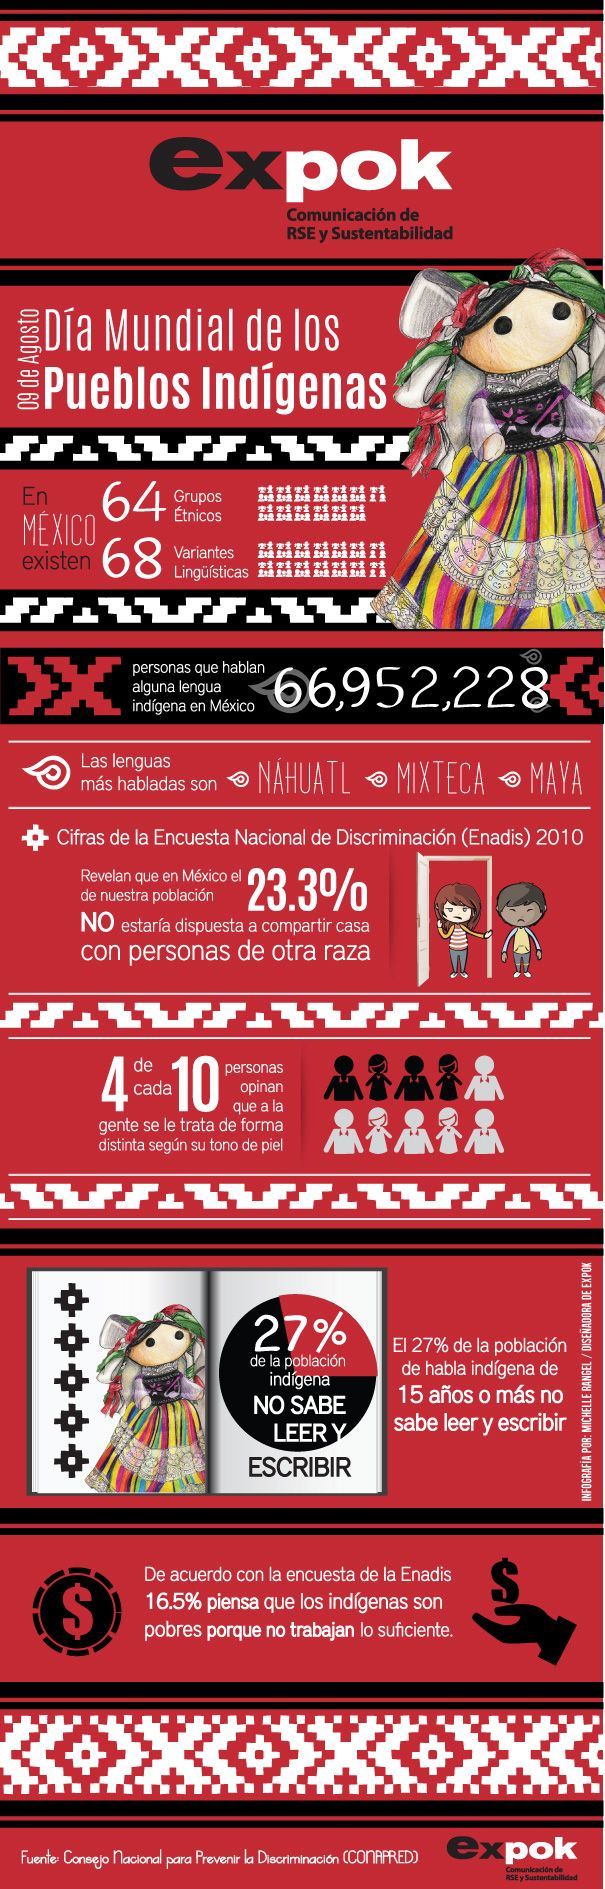 Día Mundial de los Pueblos Indígenas http://www.expoknews.com/2013/08/08/dia-mundial-de-los-pueblos-indigenas/